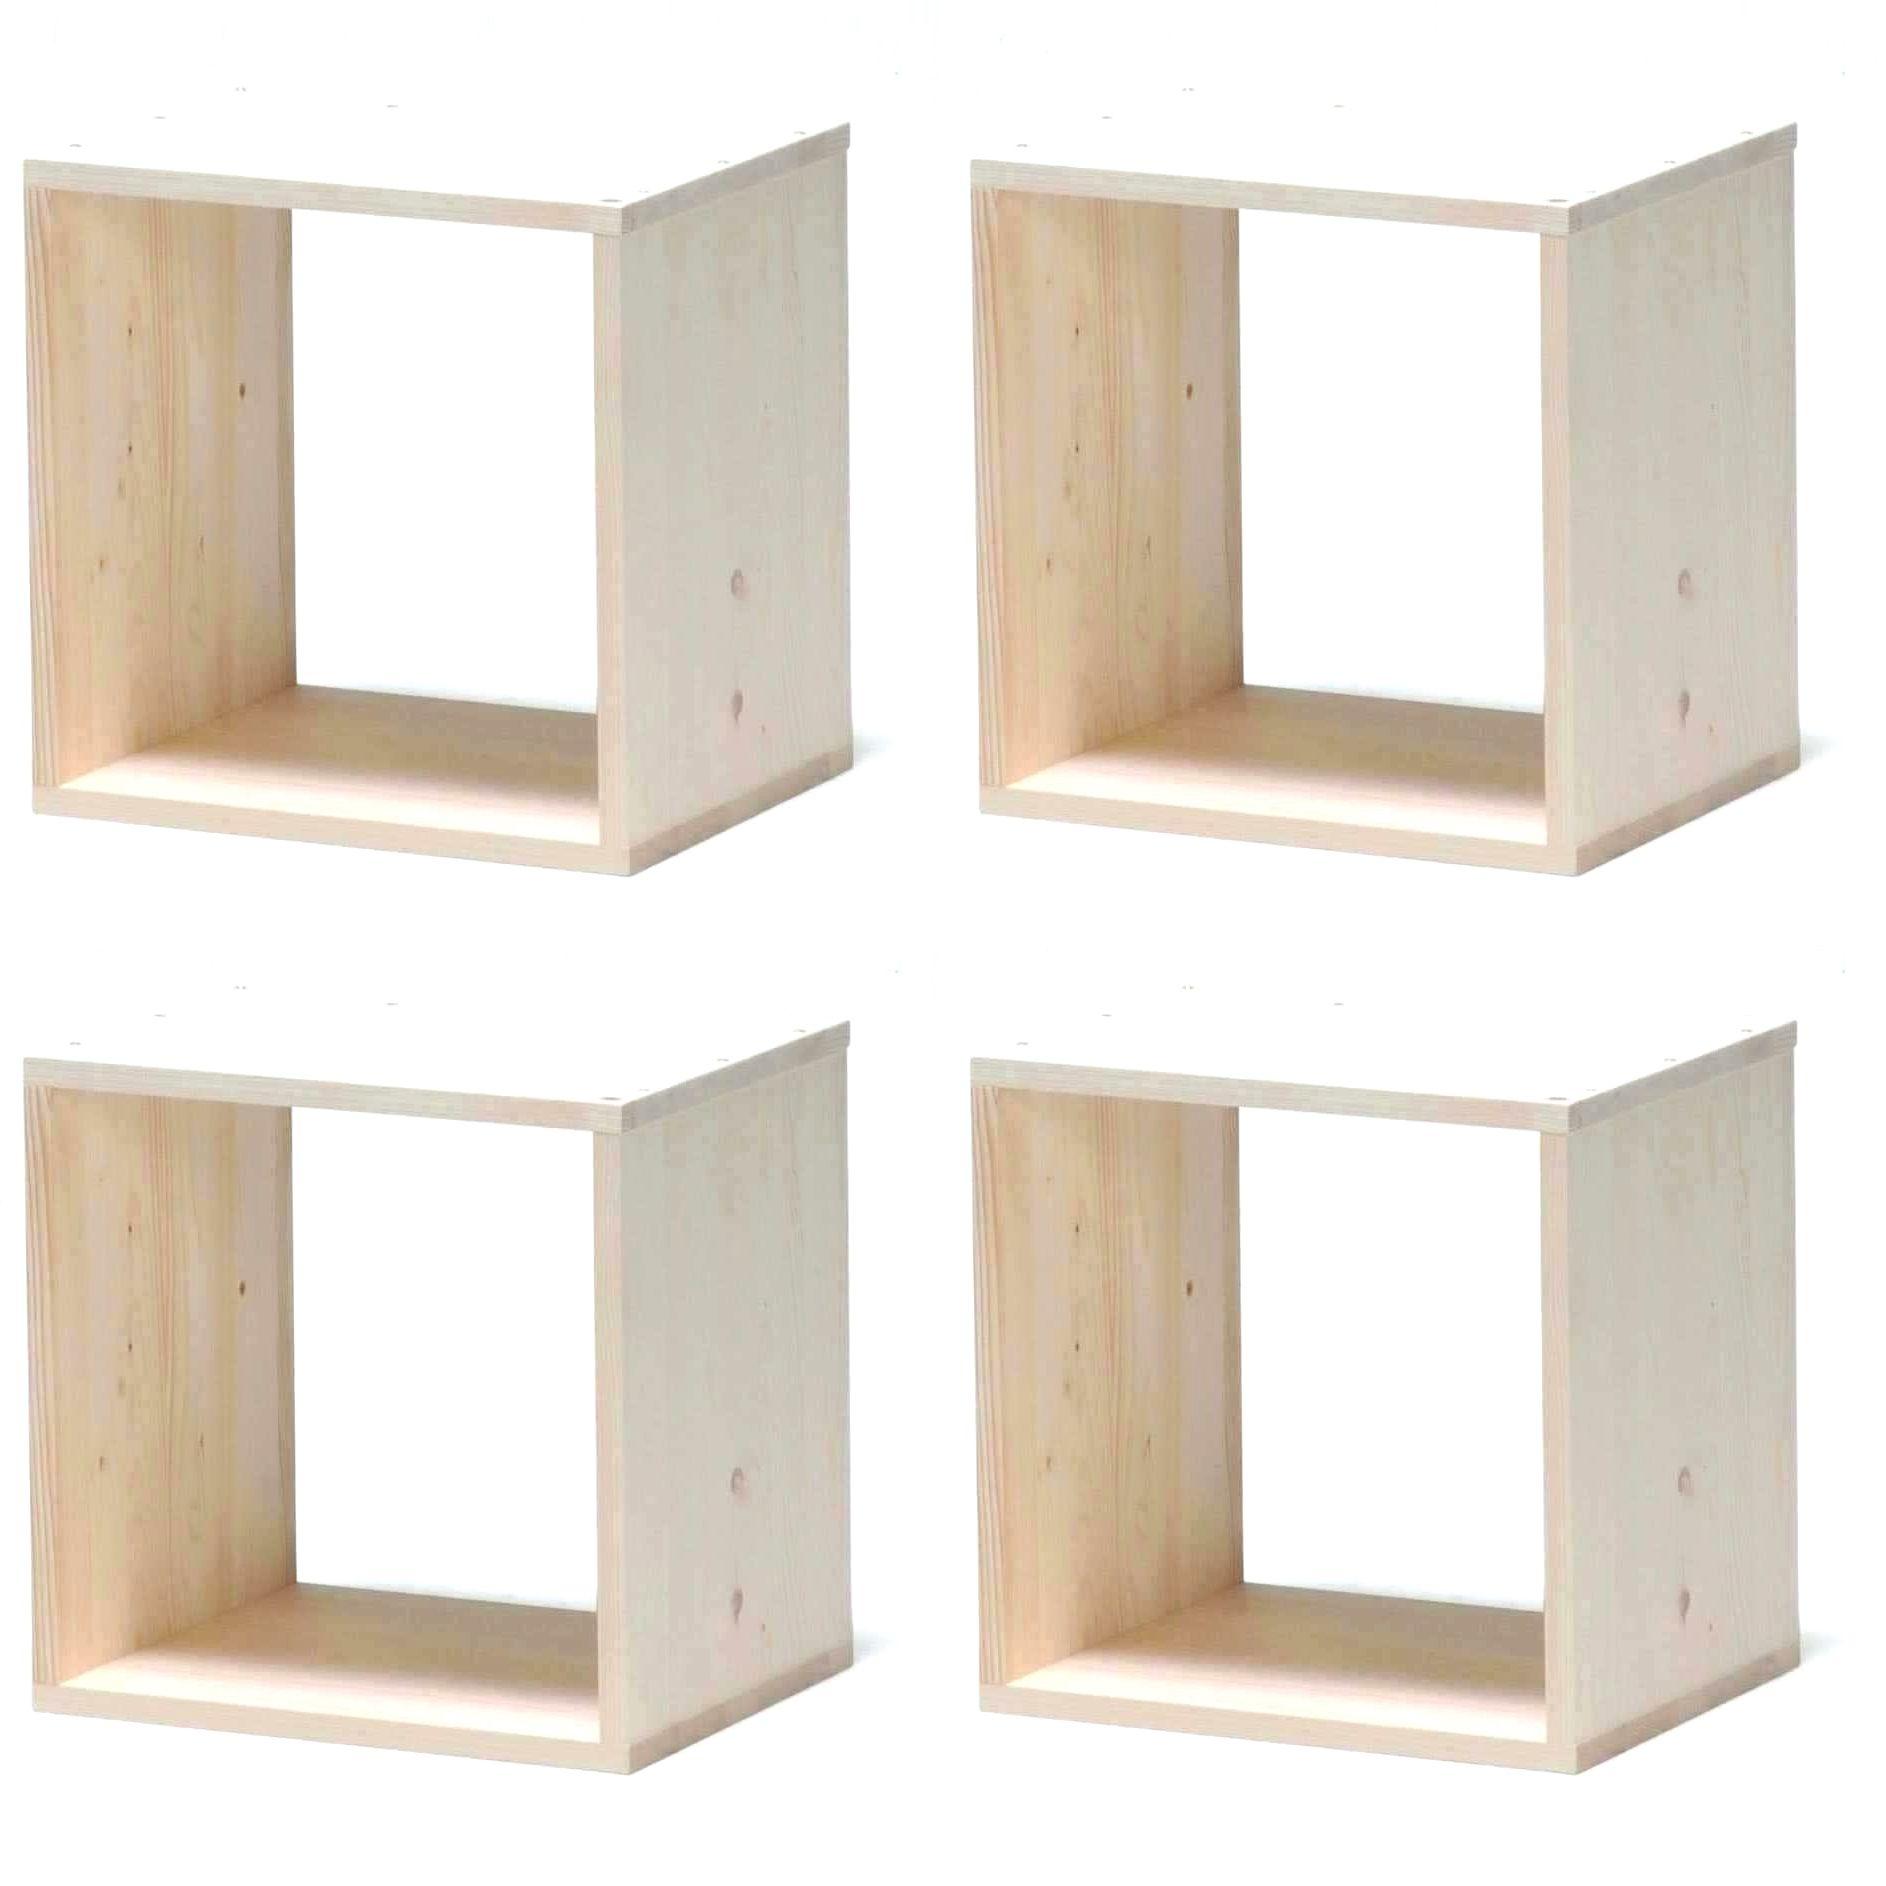 Caisson Bois Ikea Ideas Casier Rangement Caisson Bois Rangement Bureau